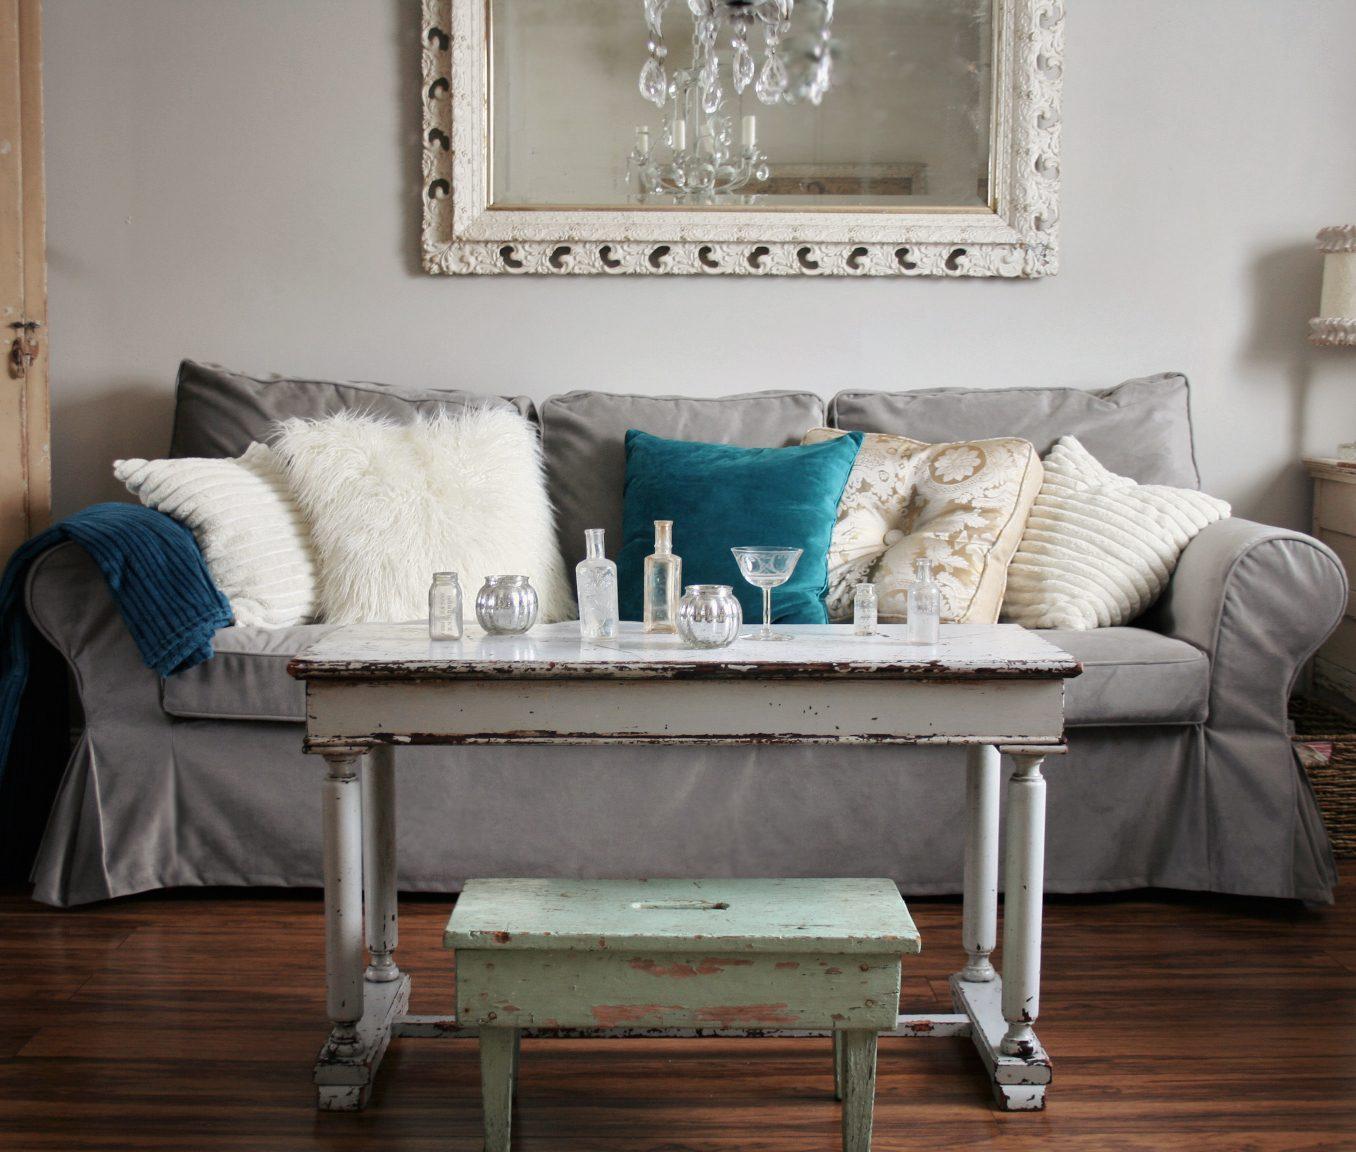 Fodere per modelli vecchi o fuori commercio dei divani Ektorp IKEA (dimensioni e misure all'interno)